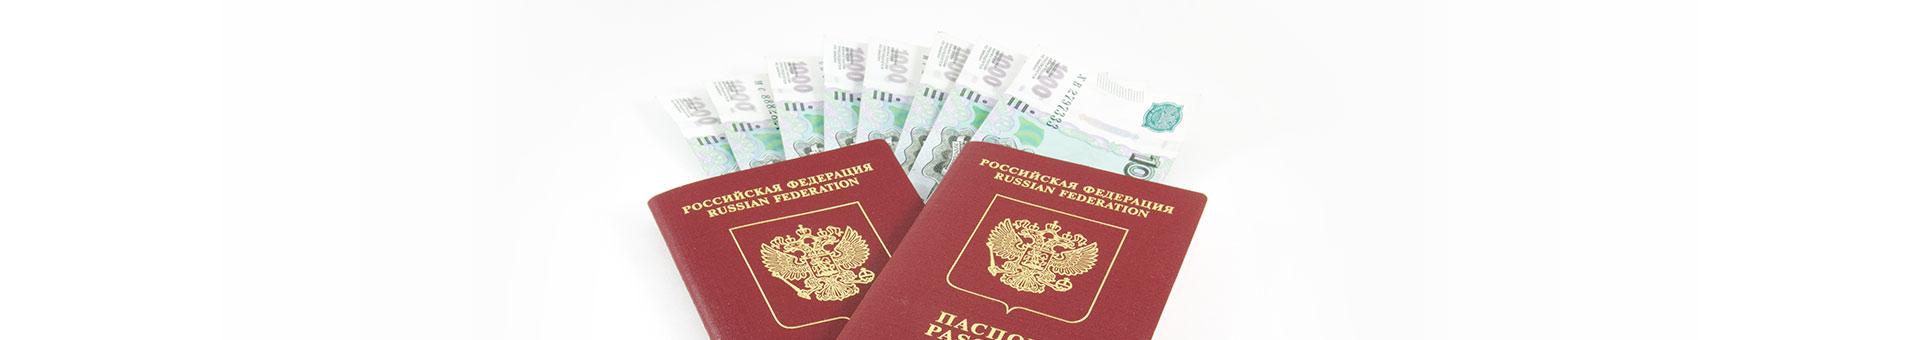 Займ наличными по паспорту без справок в день обращения